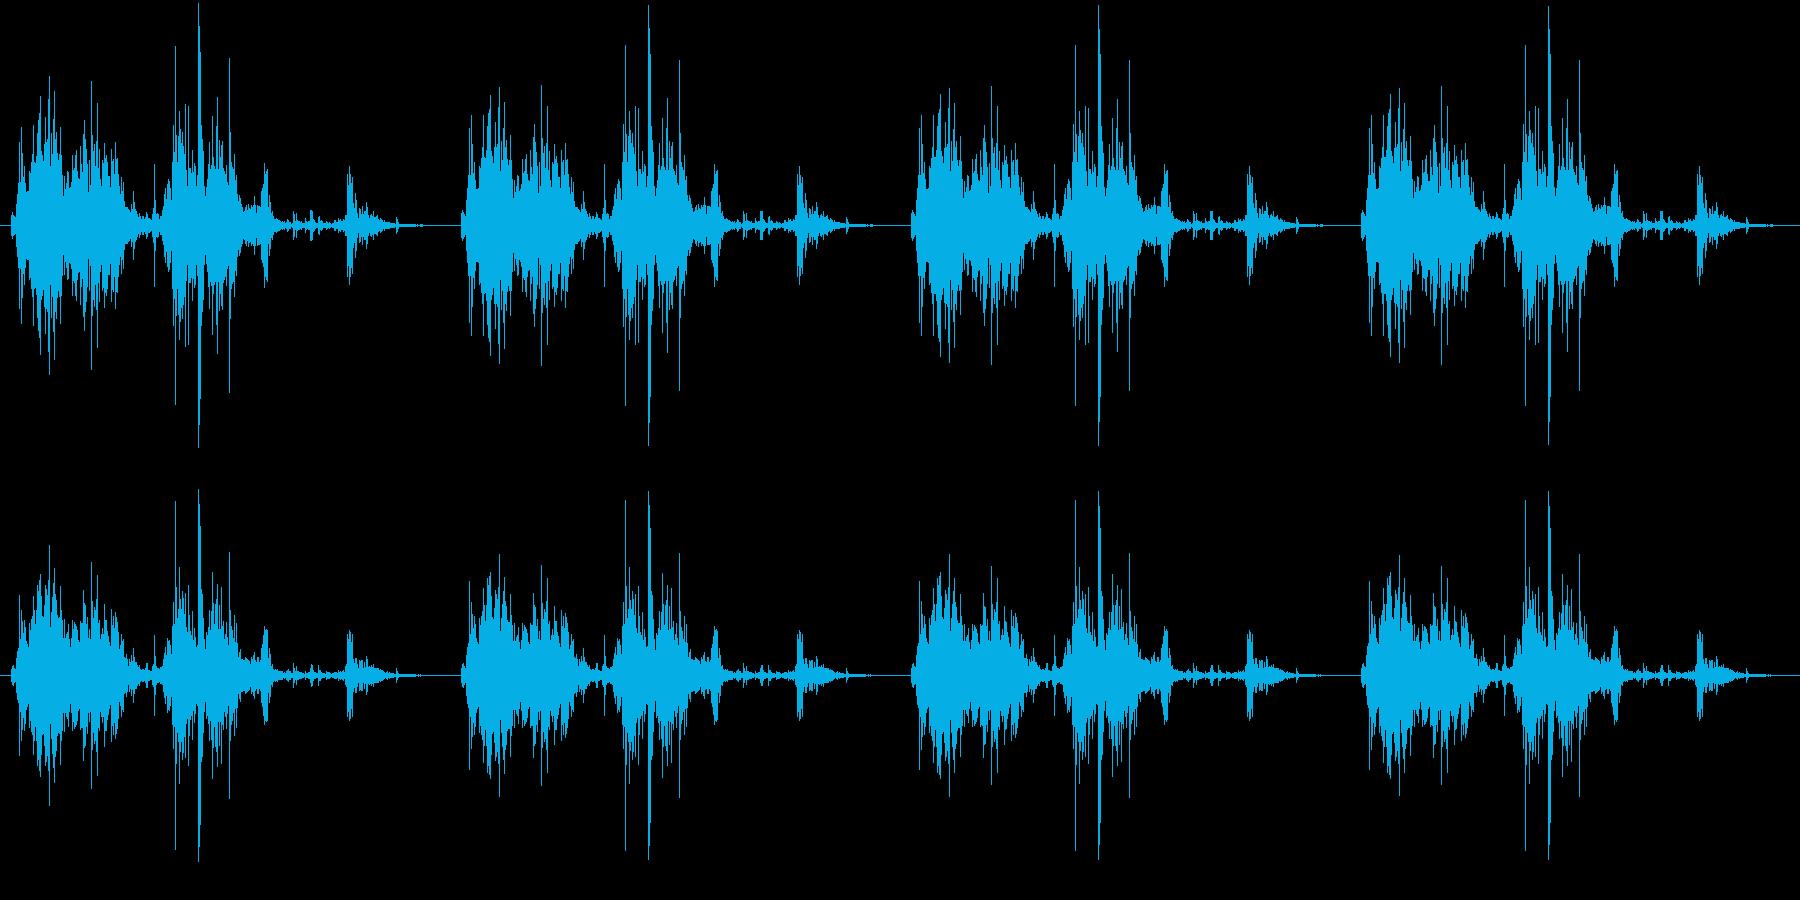 【生録音】ロボットのおもちゃ 歩く音 1の再生済みの波形